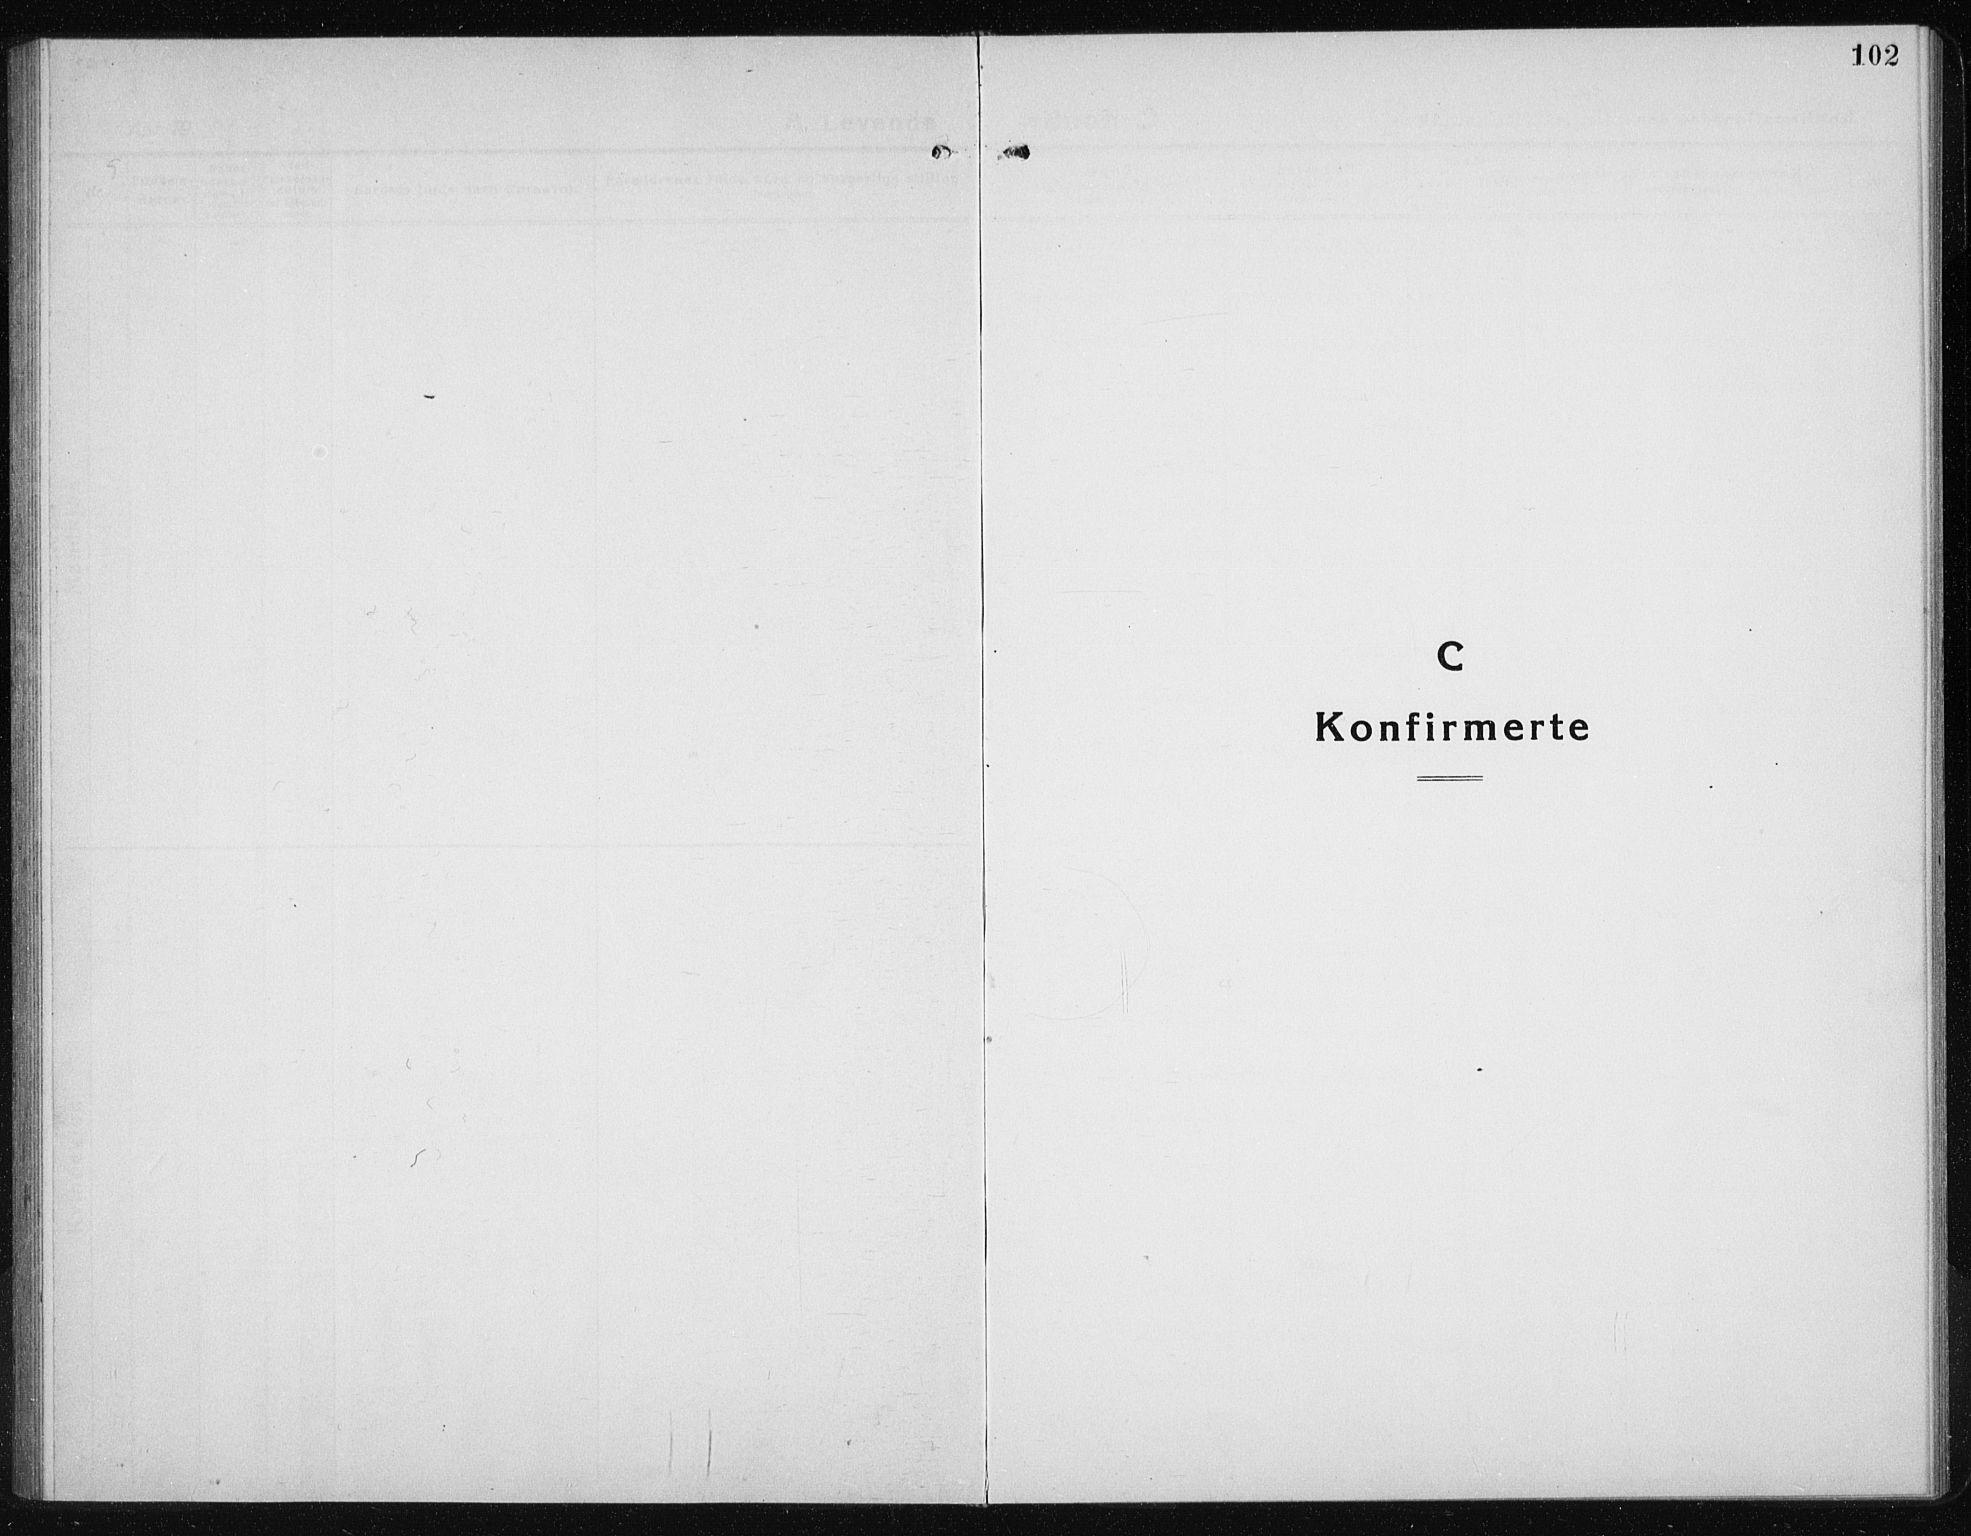 SAT, Ministerialprotokoller, klokkerbøker og fødselsregistre - Sør-Trøndelag, 689/L1045: Klokkerbok nr. 689C04, 1923-1940, s. 102